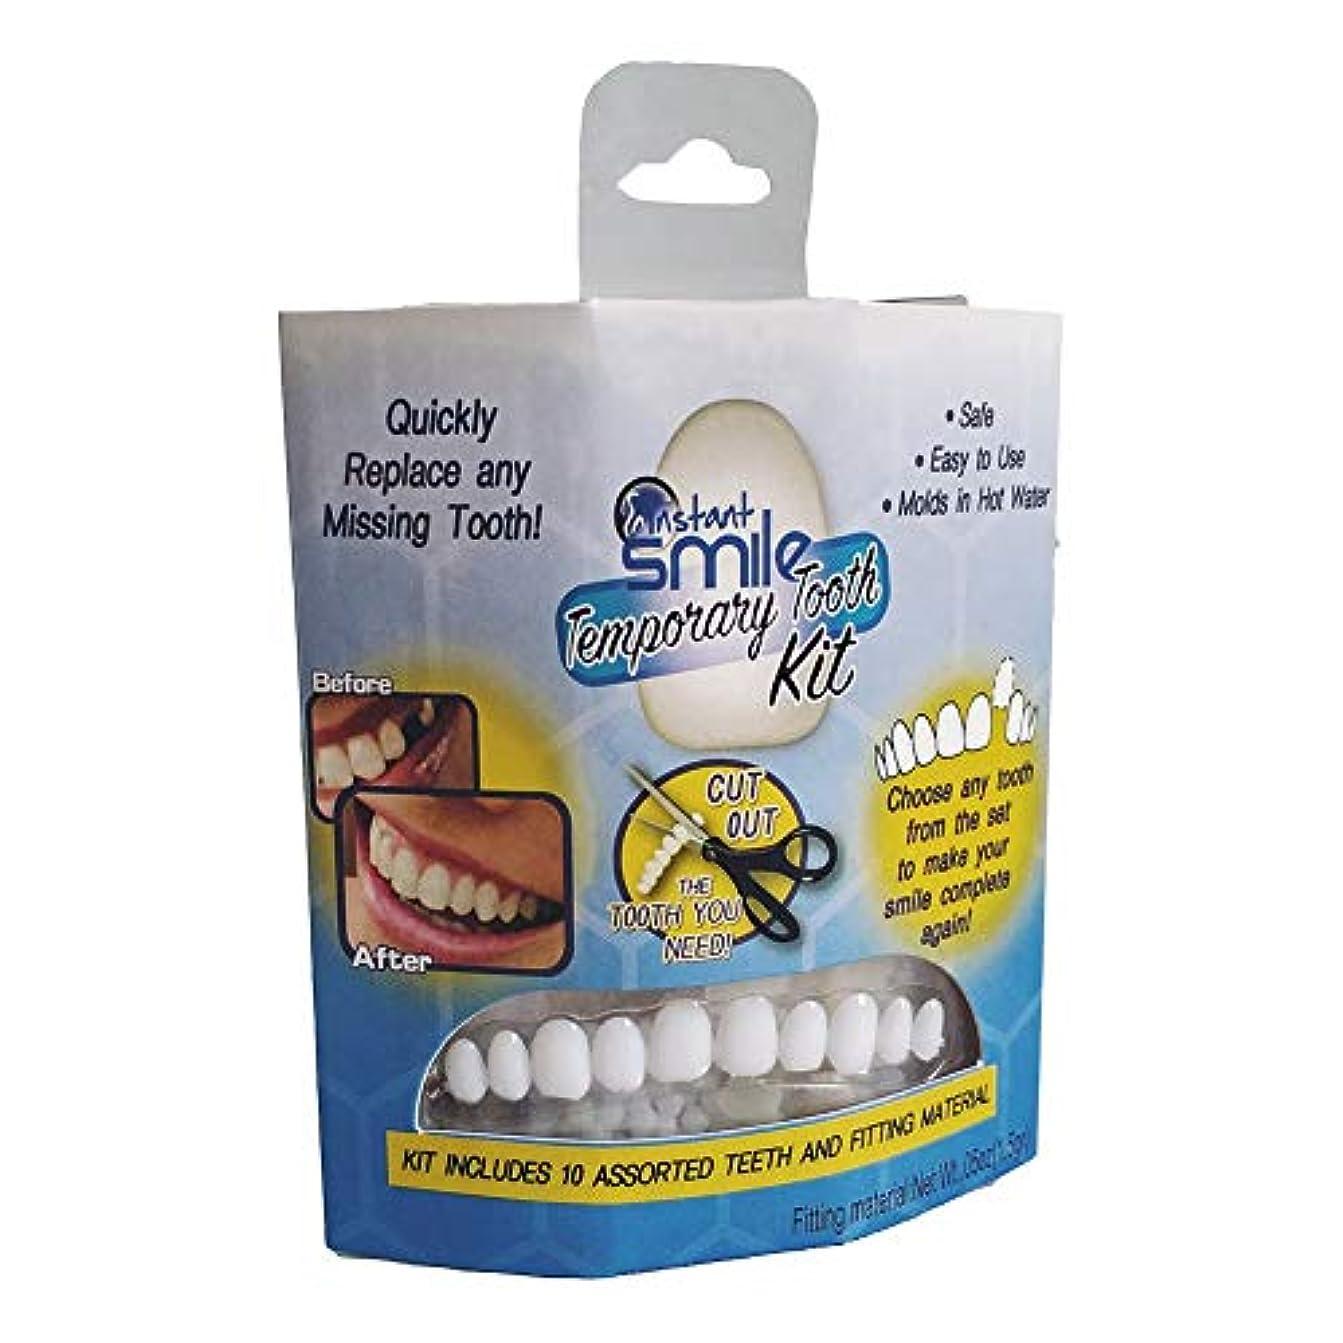 愛国的な資格情報タンカーLITI 歯のソケット 美容義歯 入れ歯 歯のカバー テンポラリートゥースキット シリコーンのシミュレーションの歯科用義歯を白くする上下の歯の模擬装具 歯ホワイトニング 義歯貼り付け偽歯アッパー化粧品突き板